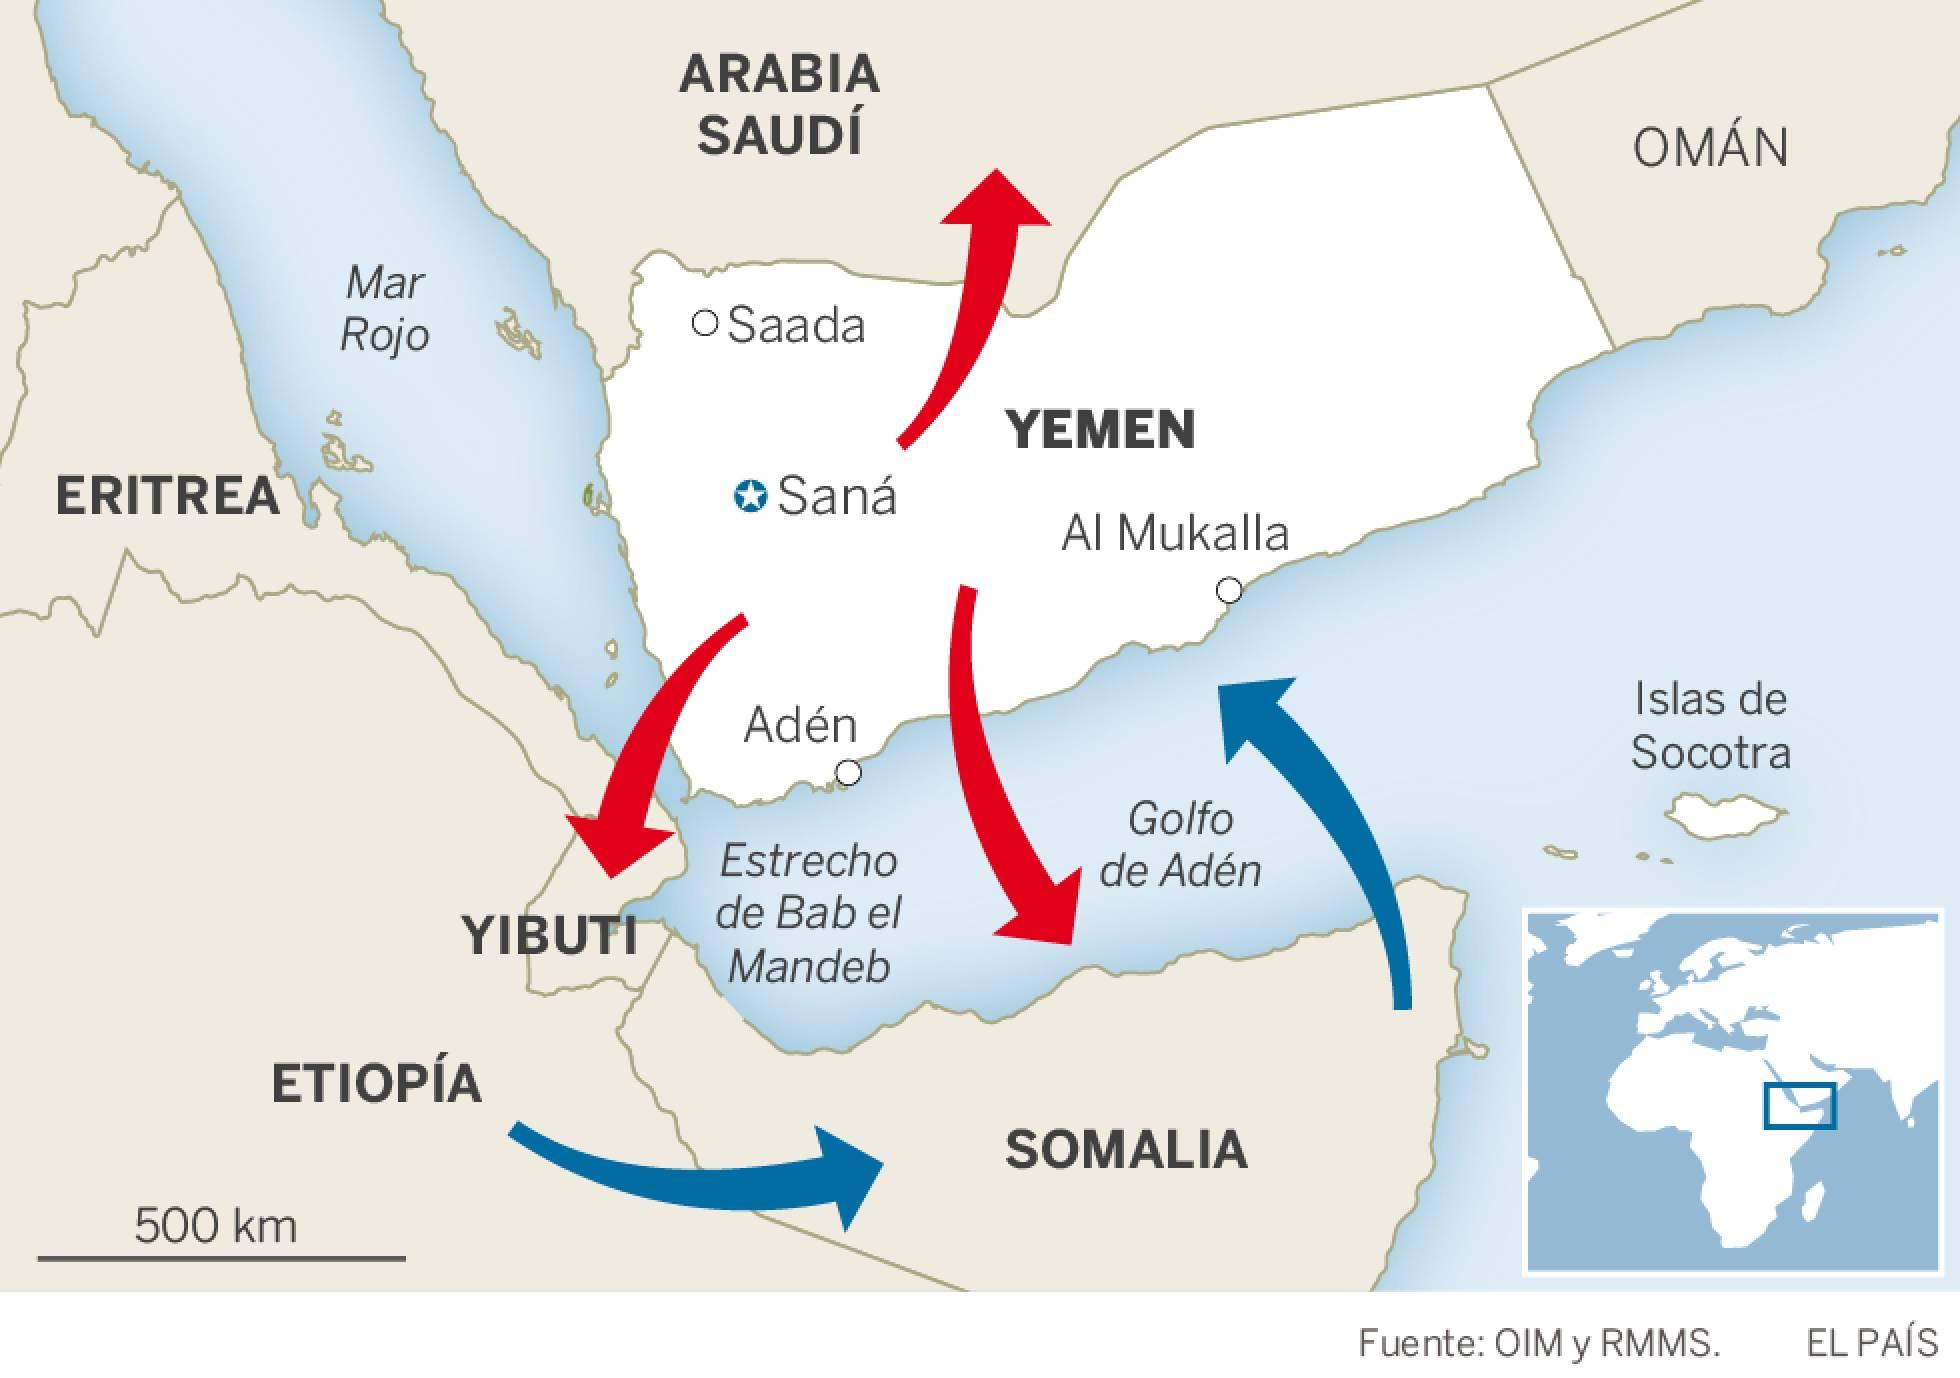 Migrantes en África. 47 migrantes etíopes muertos en naufragio en el lago Malawi. - Página 2 1517213948_938419_1517226994_sumario_normal_recorte1